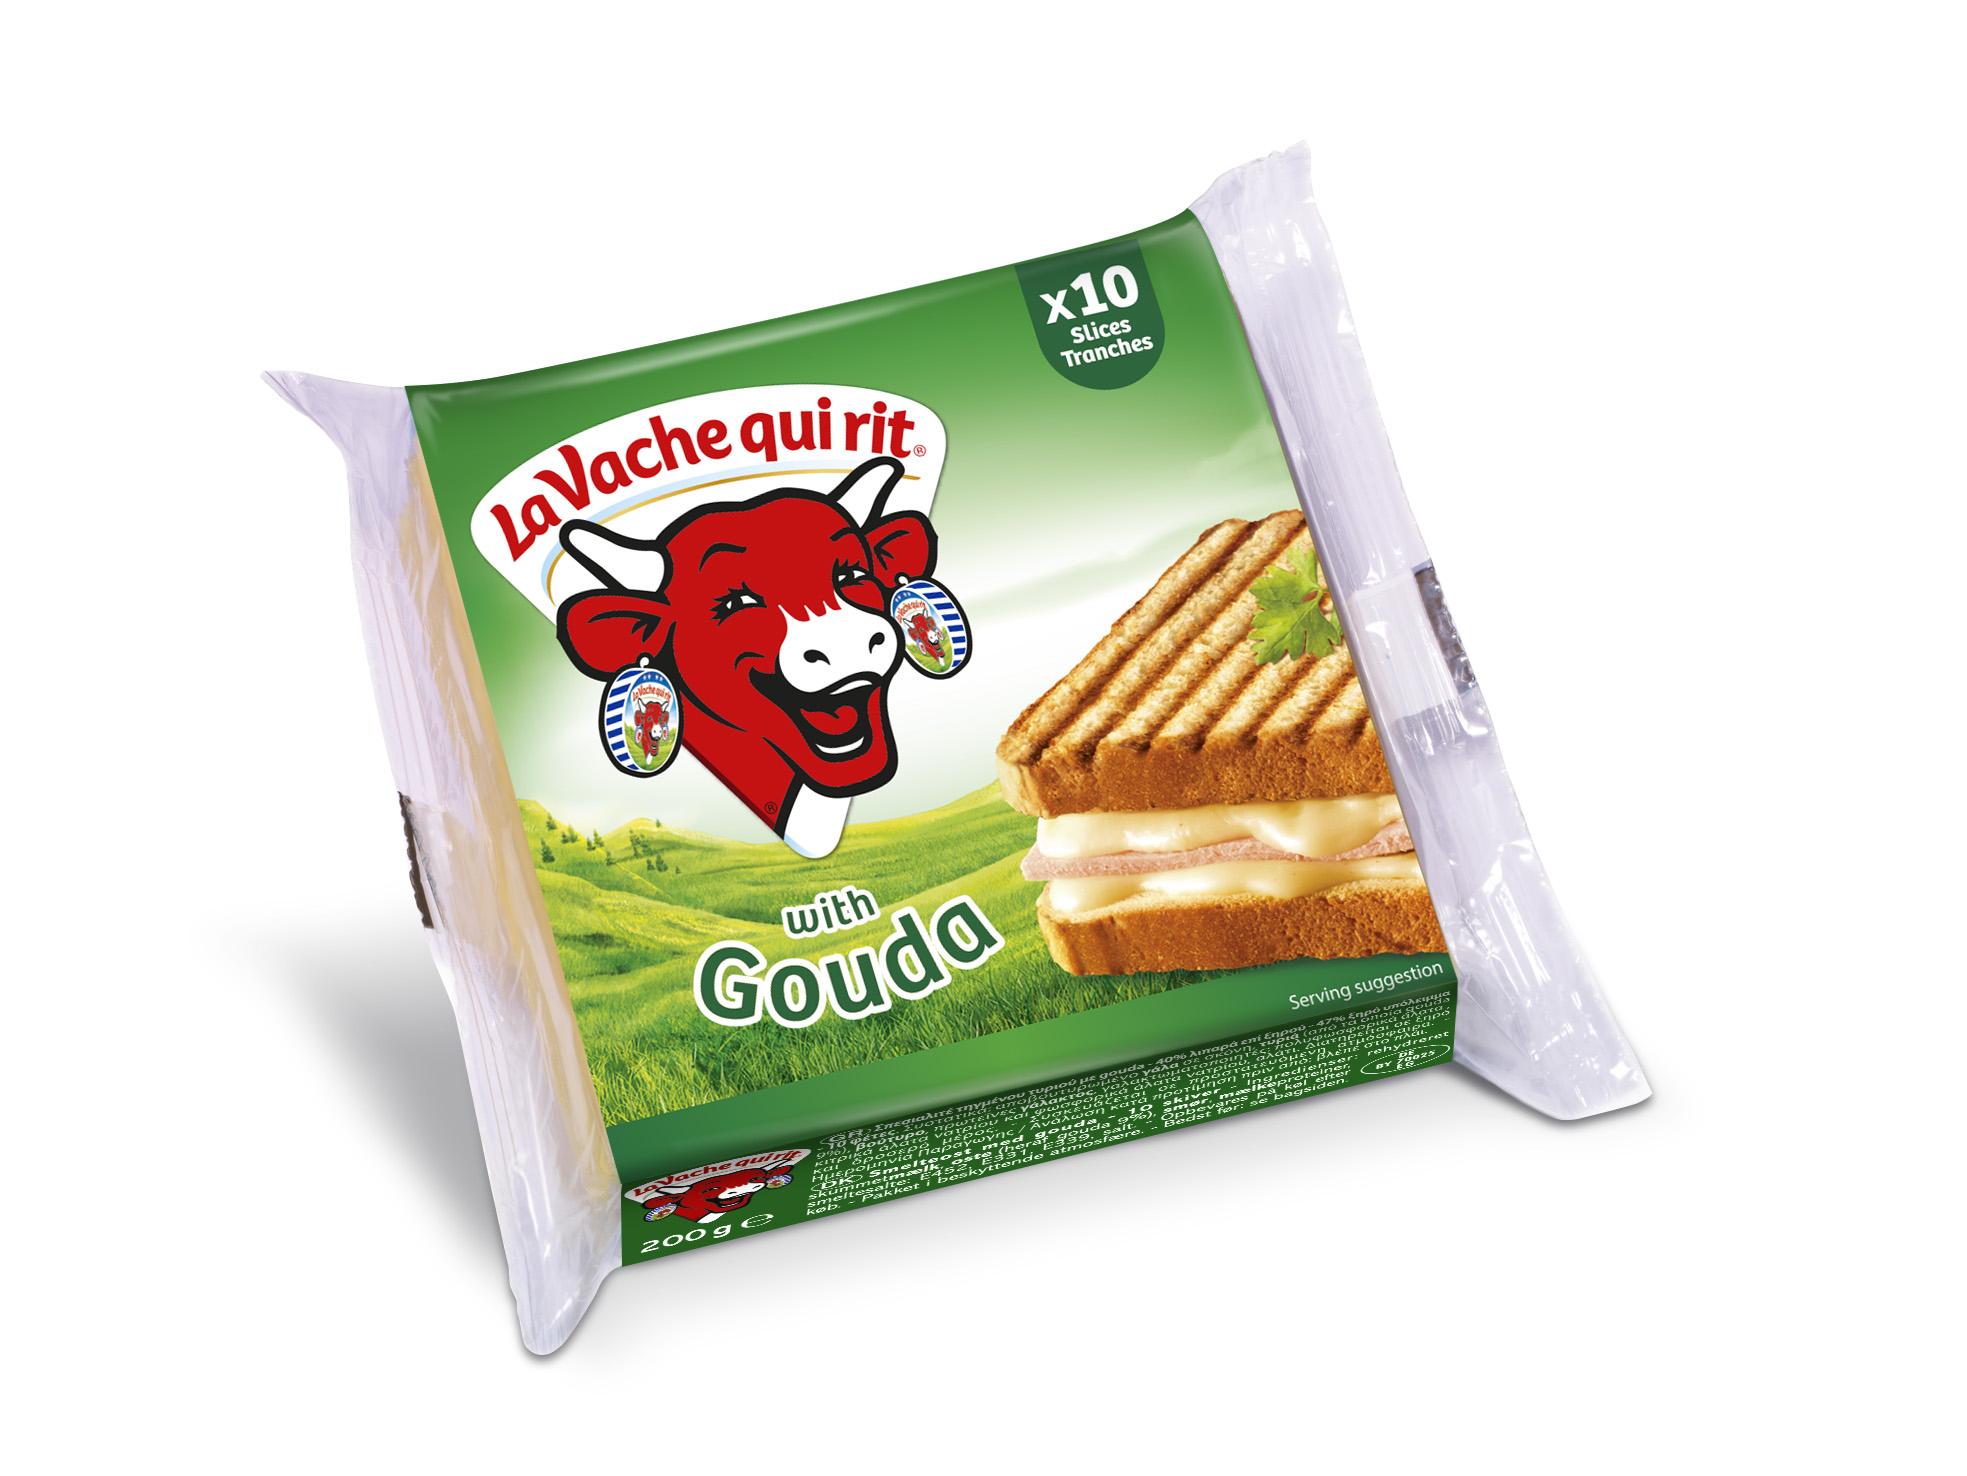 Τυρί Gouda σε φέτες La vache qui rit (200g)